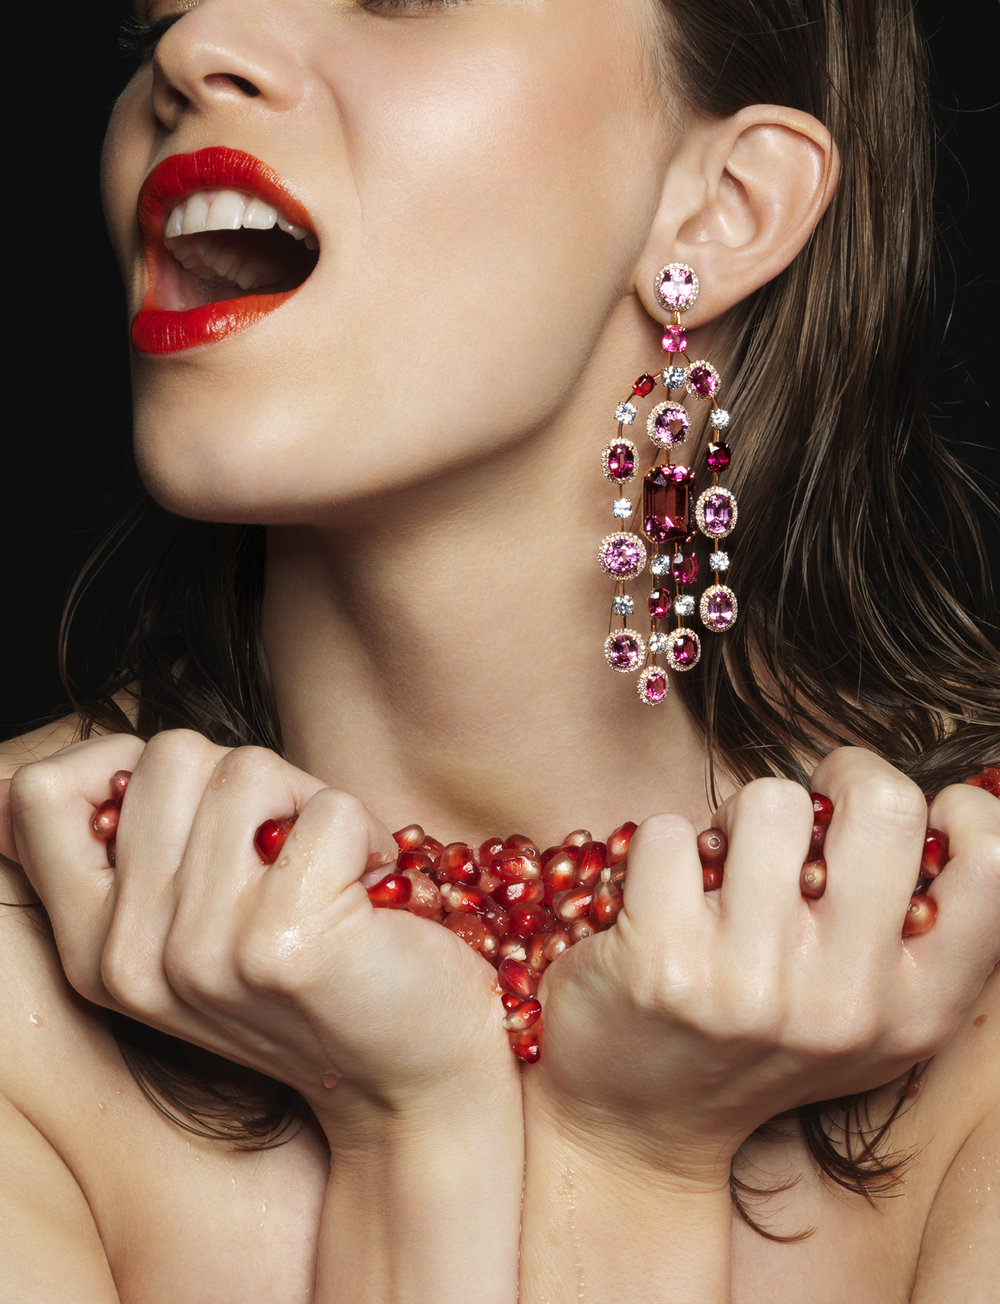 Luxure Magazine / Arthur Woodcroft